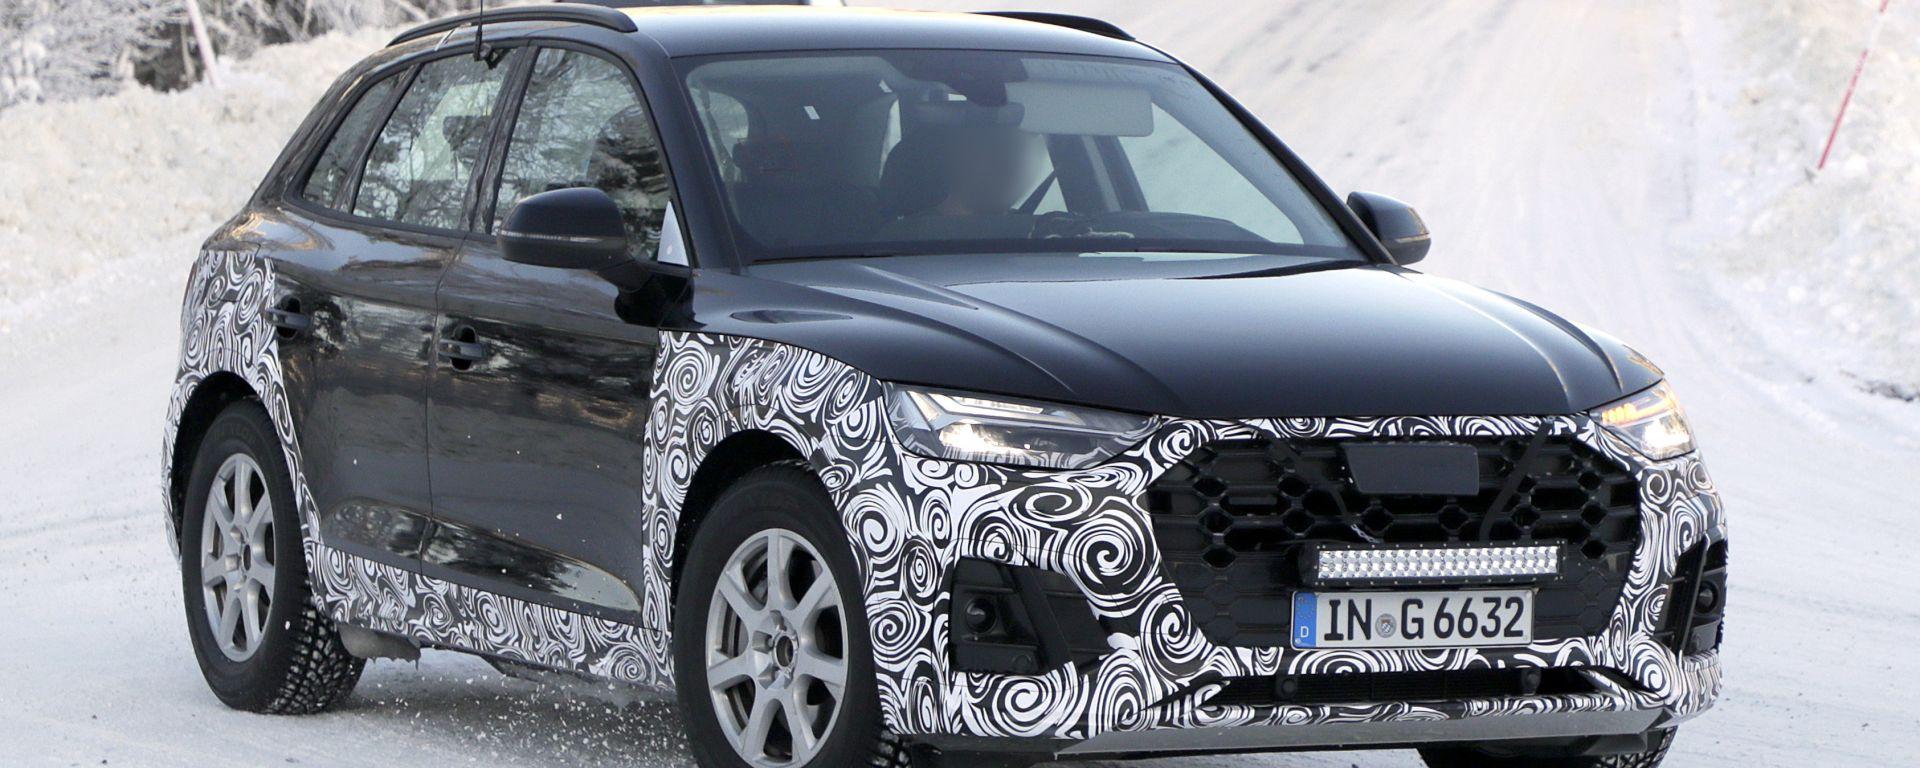 Nuova Audi Q5 2020: il prototipo durante i test invernali